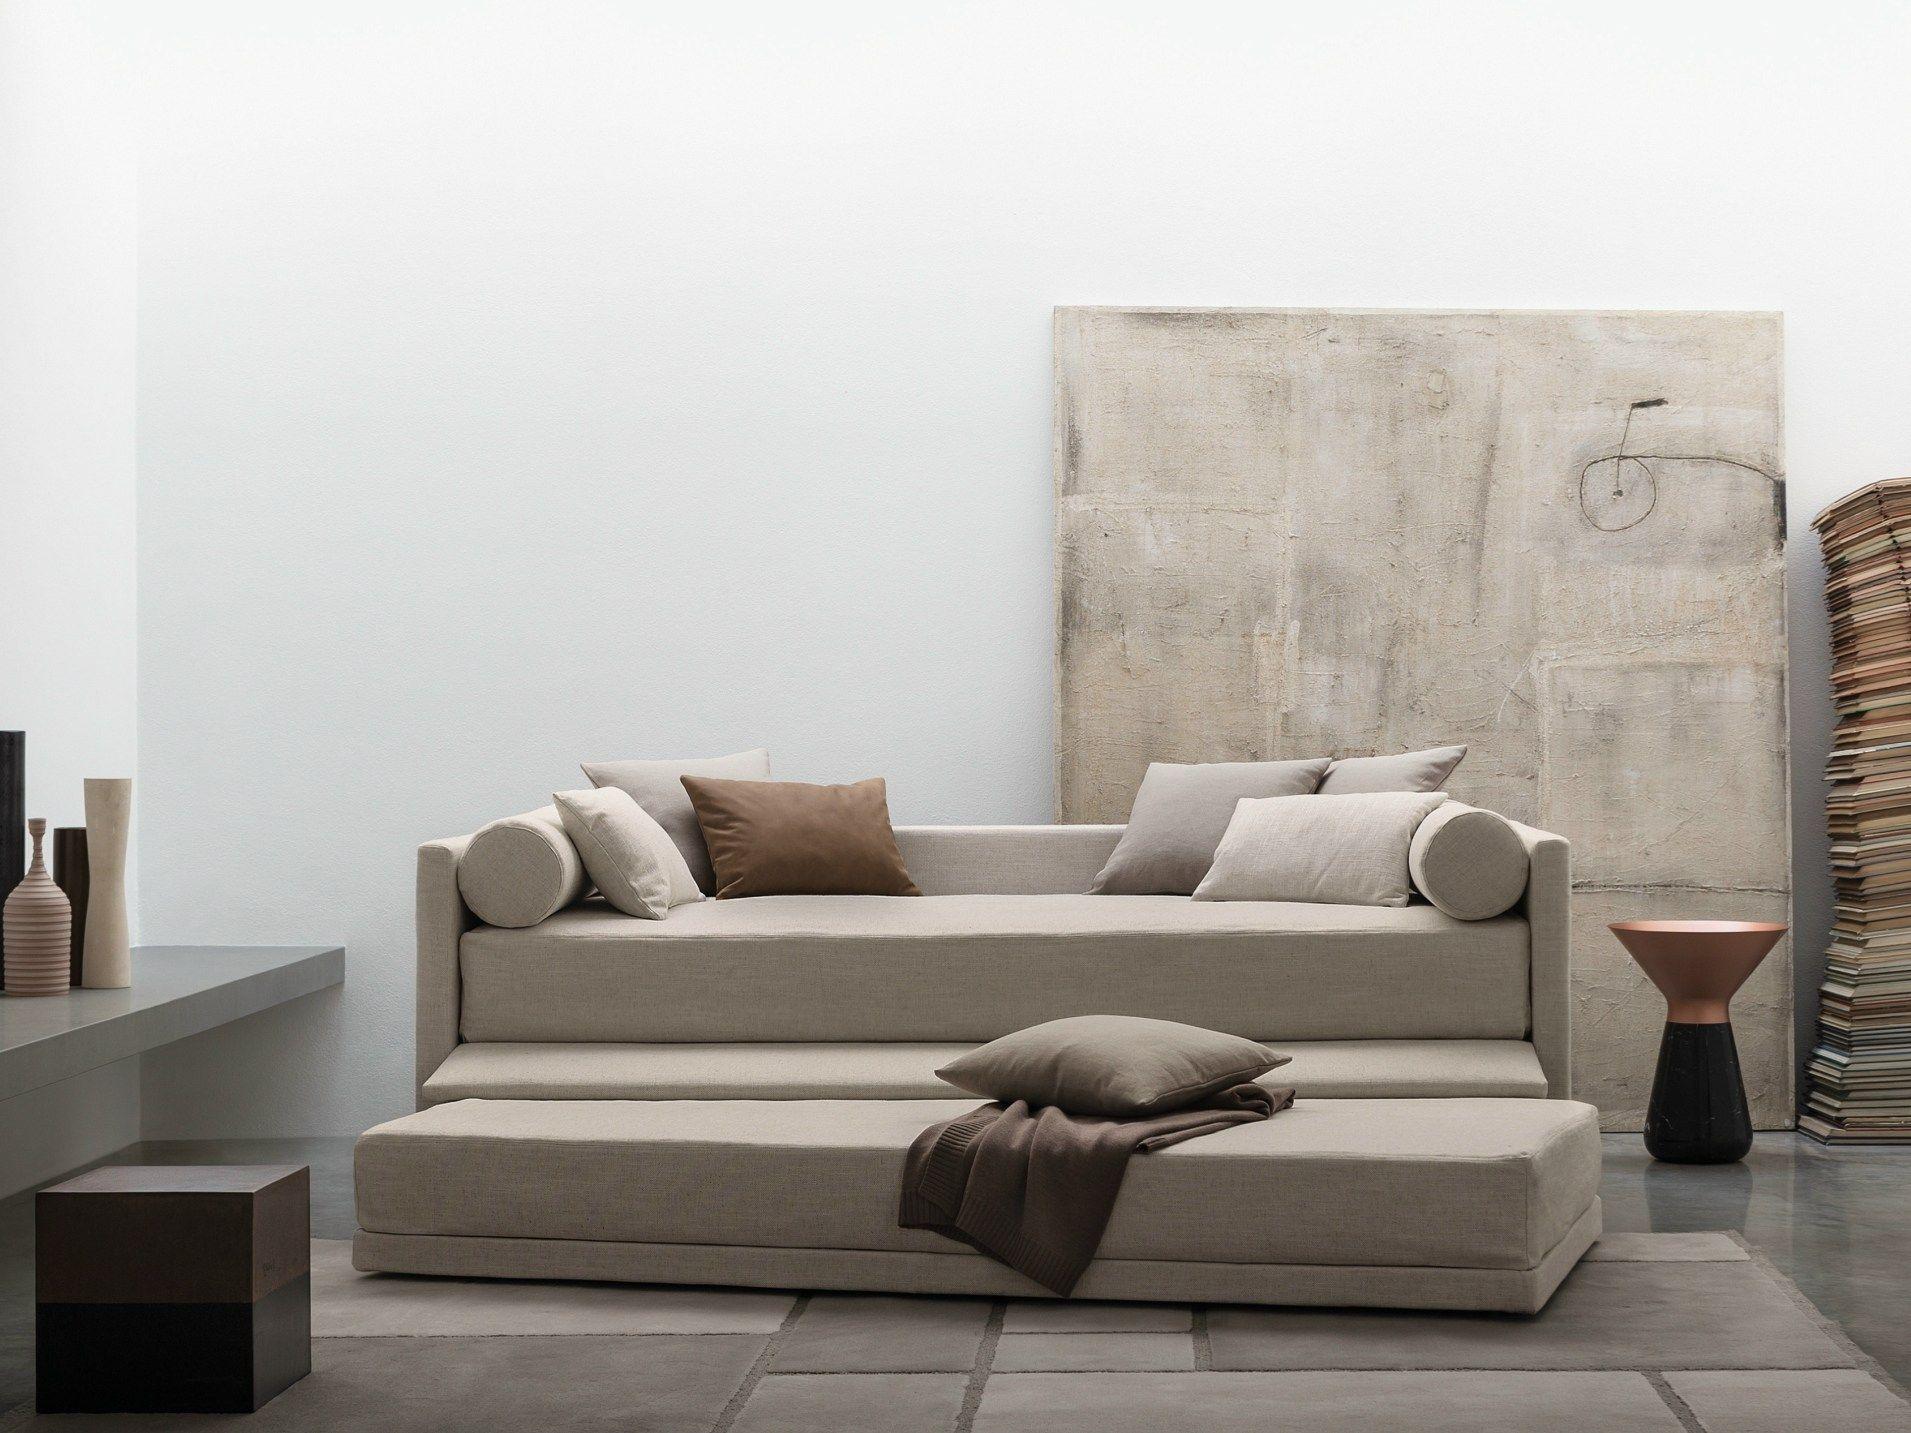 Biss letto trasformabile by flou design pinuccio borgonovo - Letto flou singolo ...